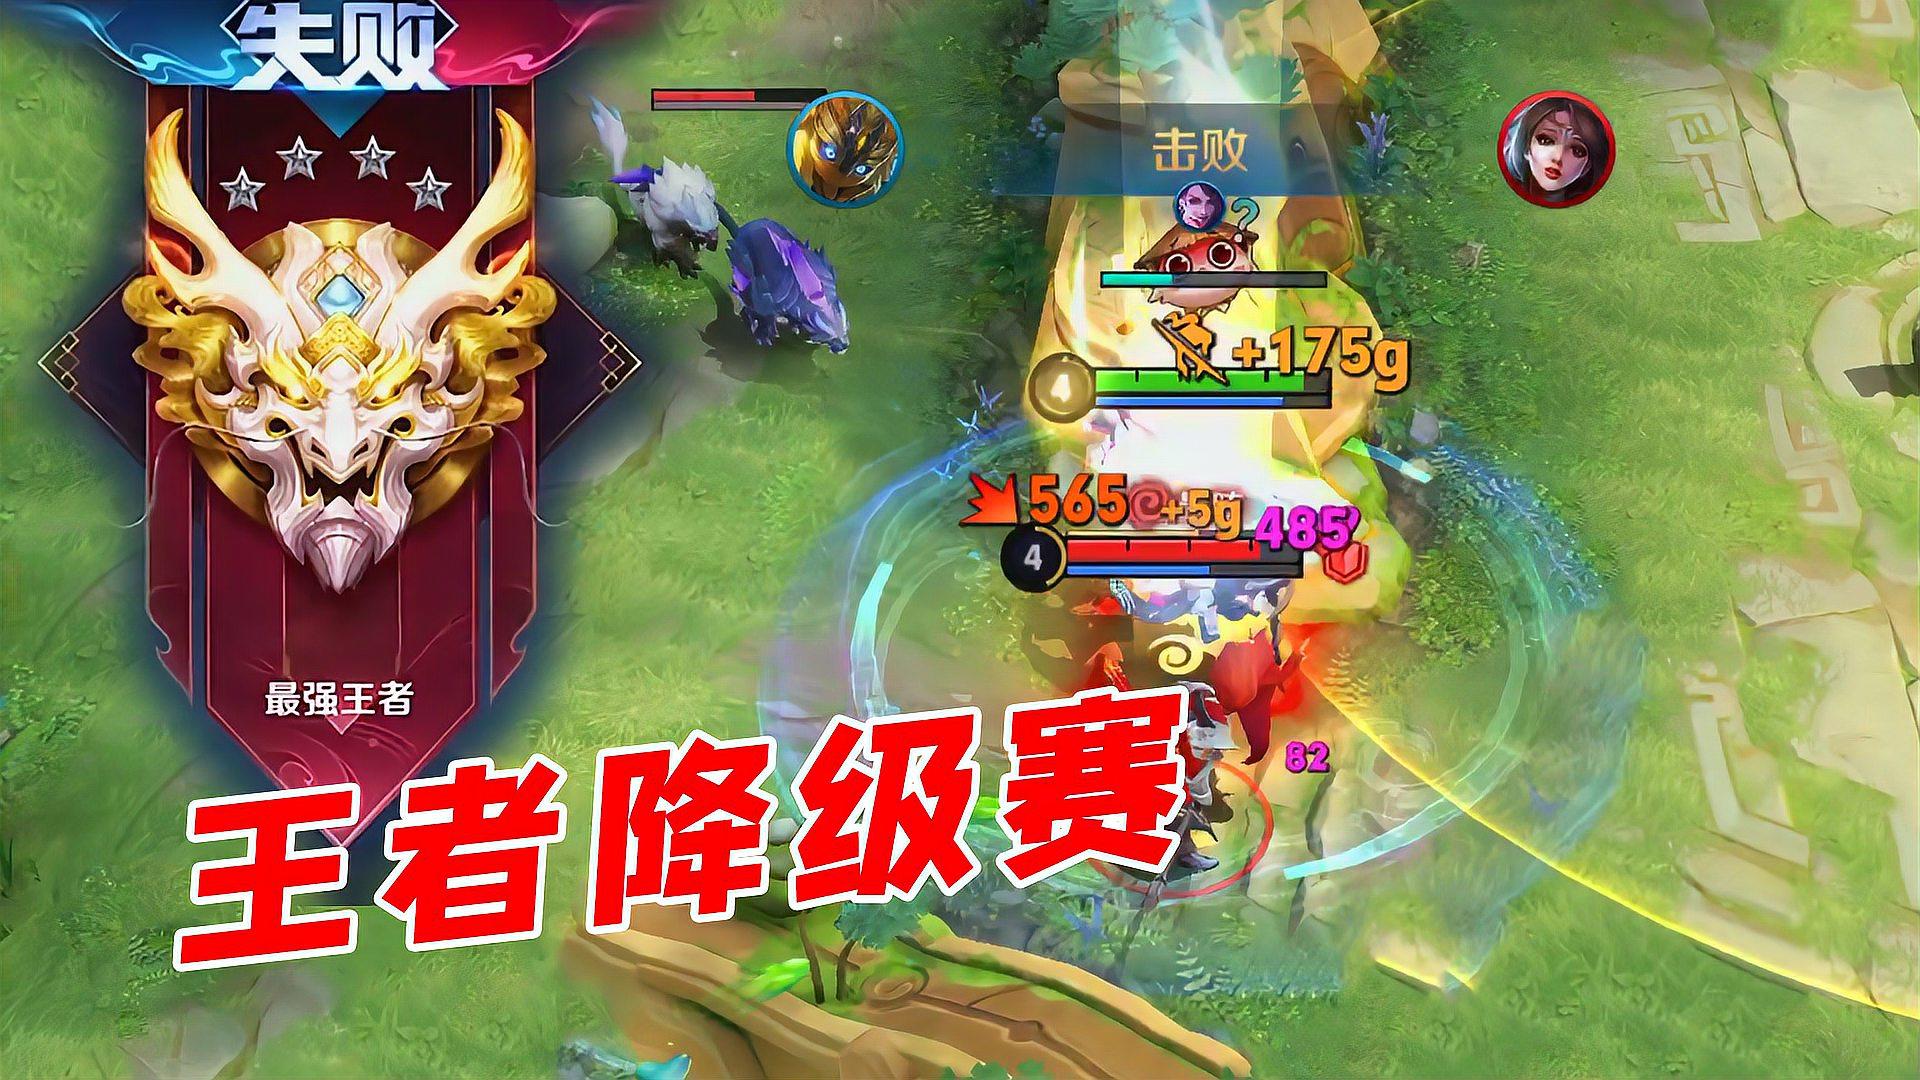 王者荣耀:最难的王者降级赛,看村长鬼谷子carry全场!